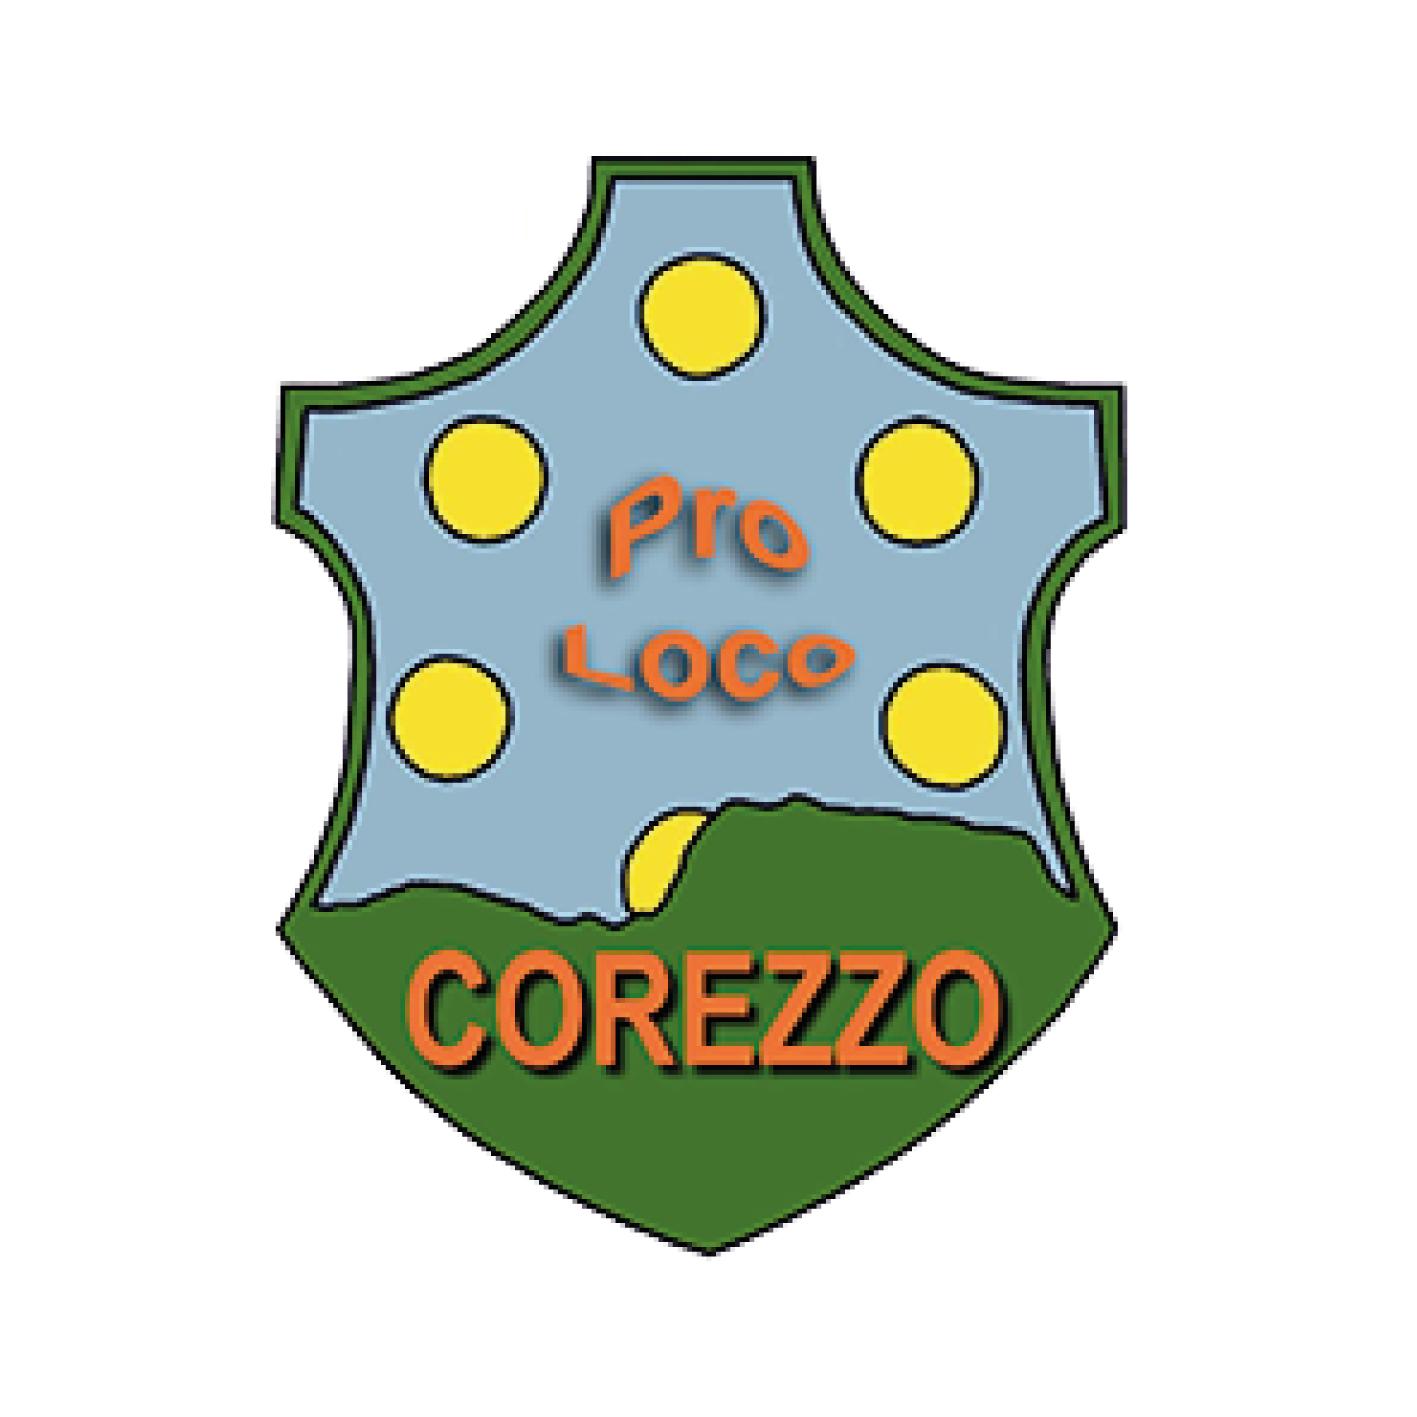 corezzo